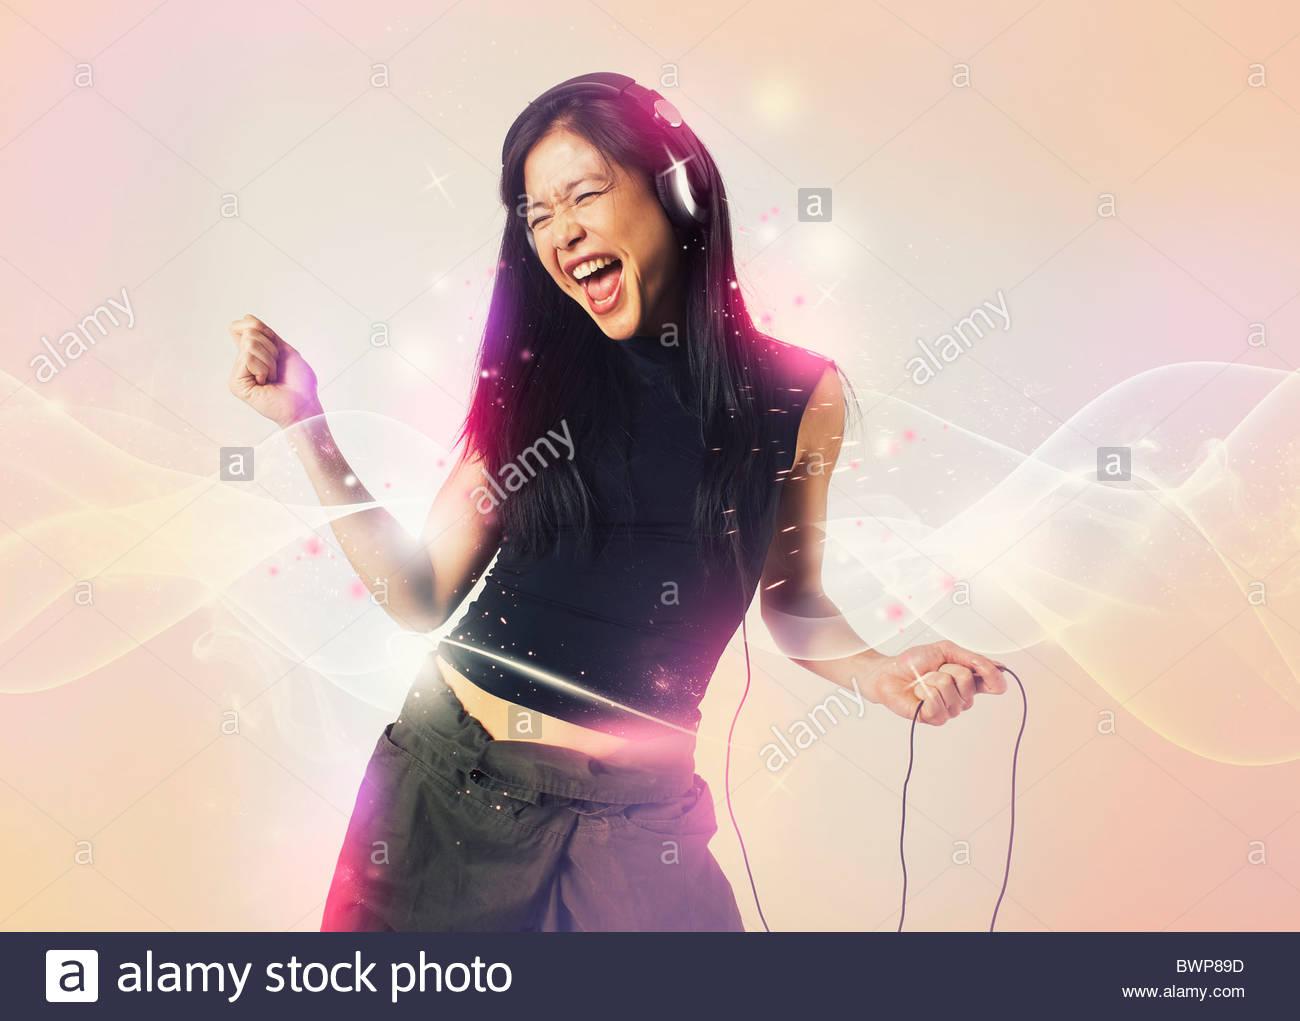 Glückliche Frau singen und tanzen Stockbild